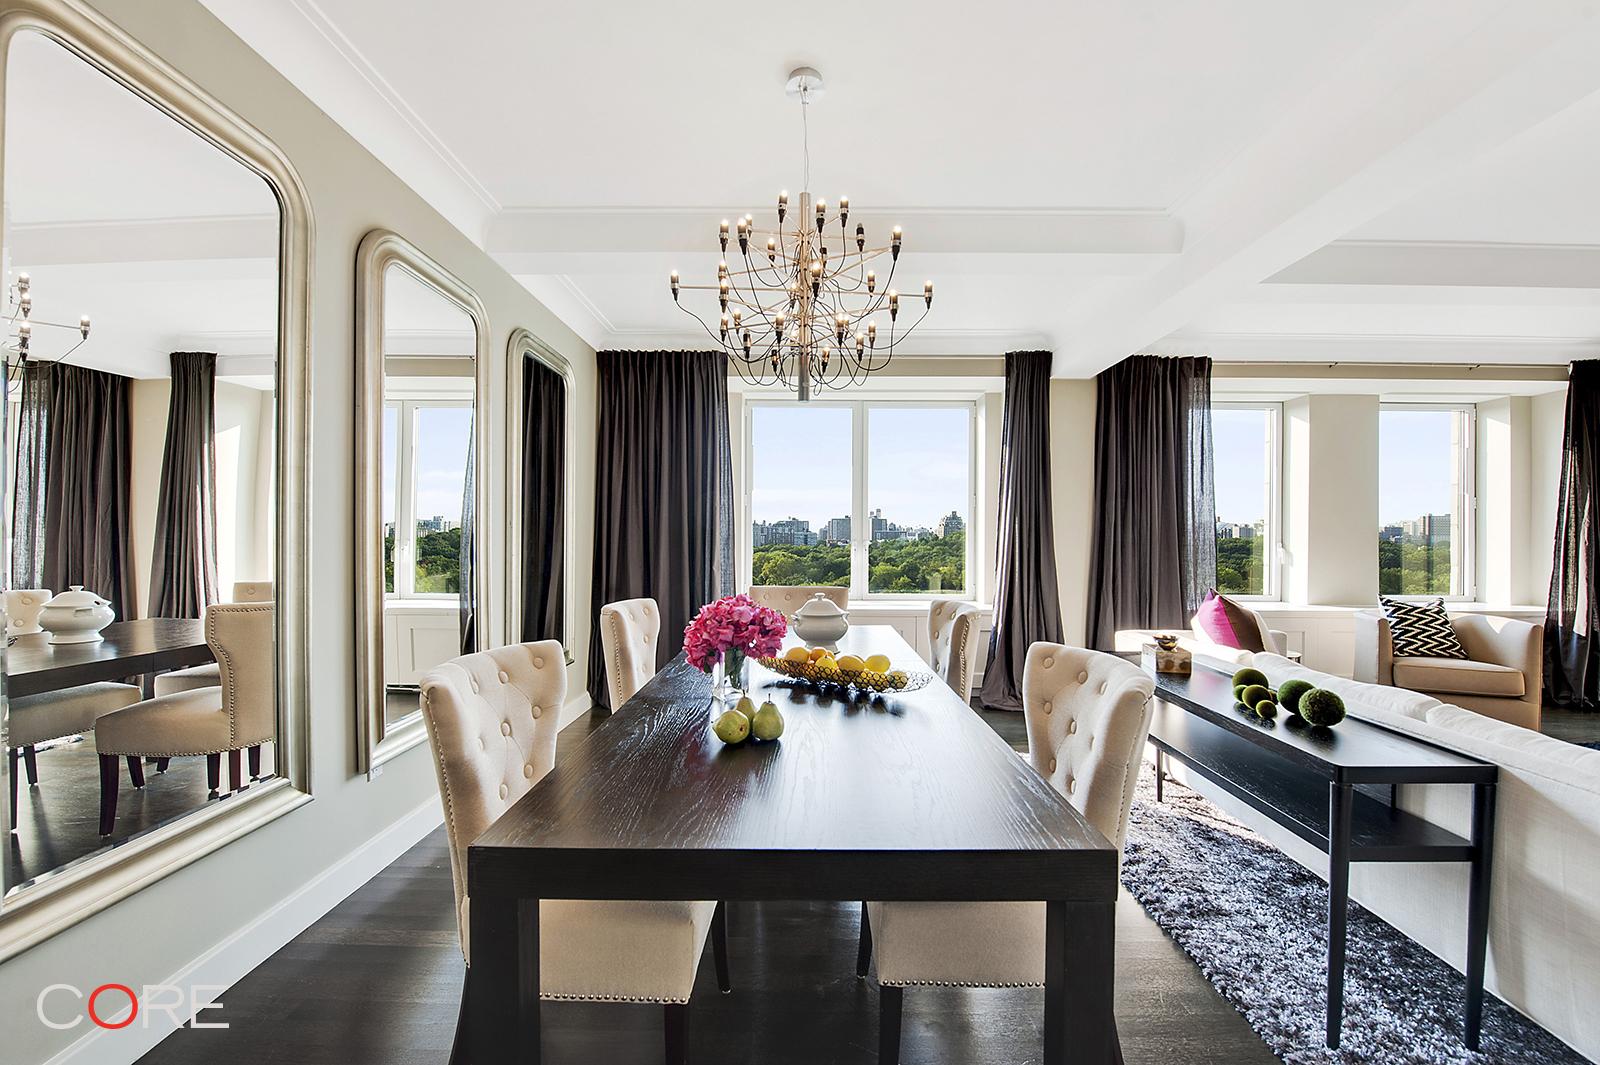 1212 Fifth Avenue Interior Photo